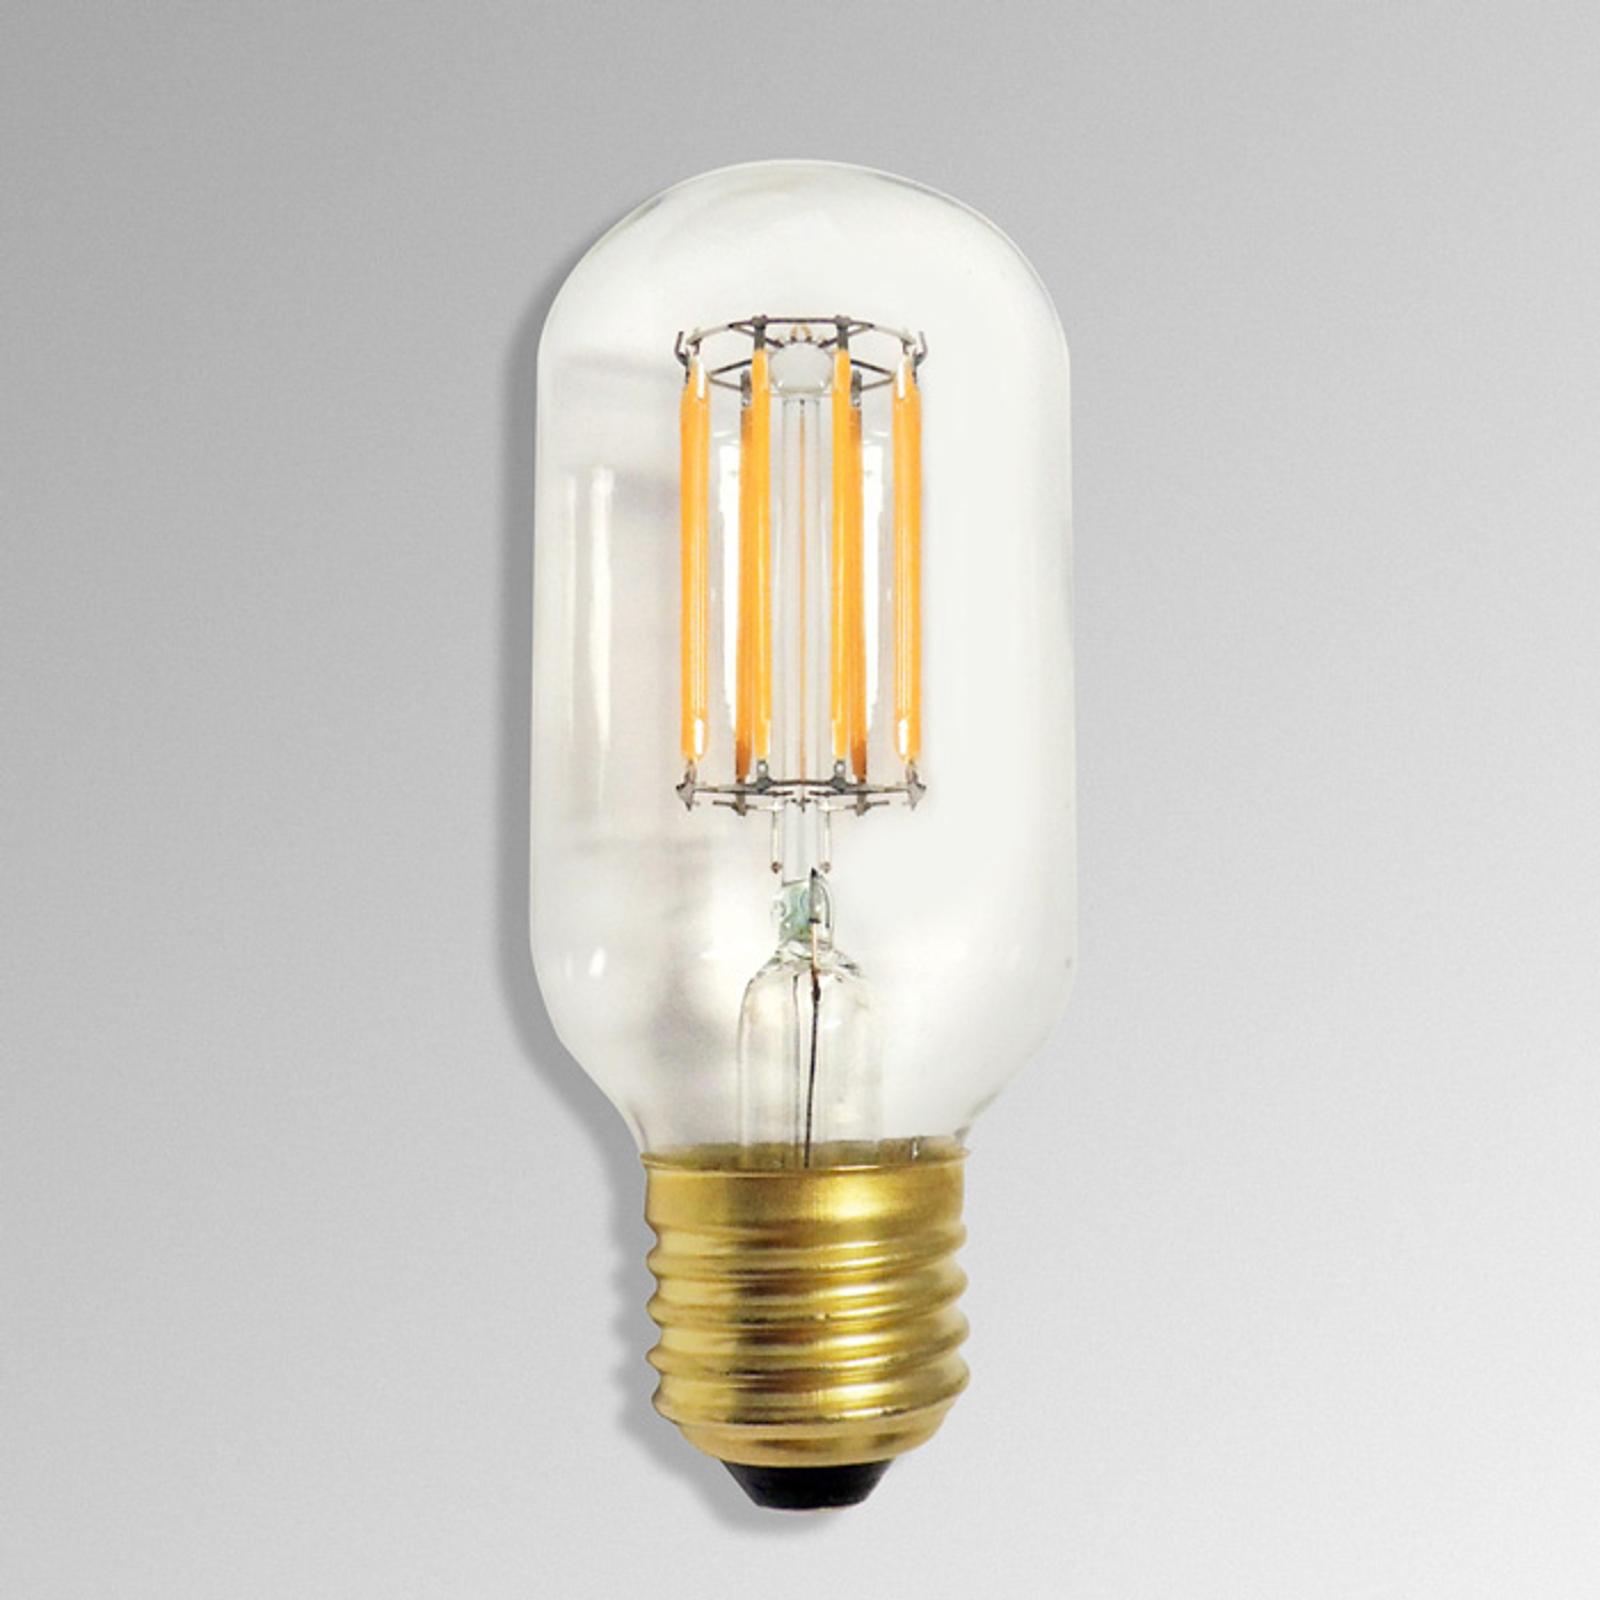 Lampadina LED tubolare 922 E27 4,7W fil. carbone